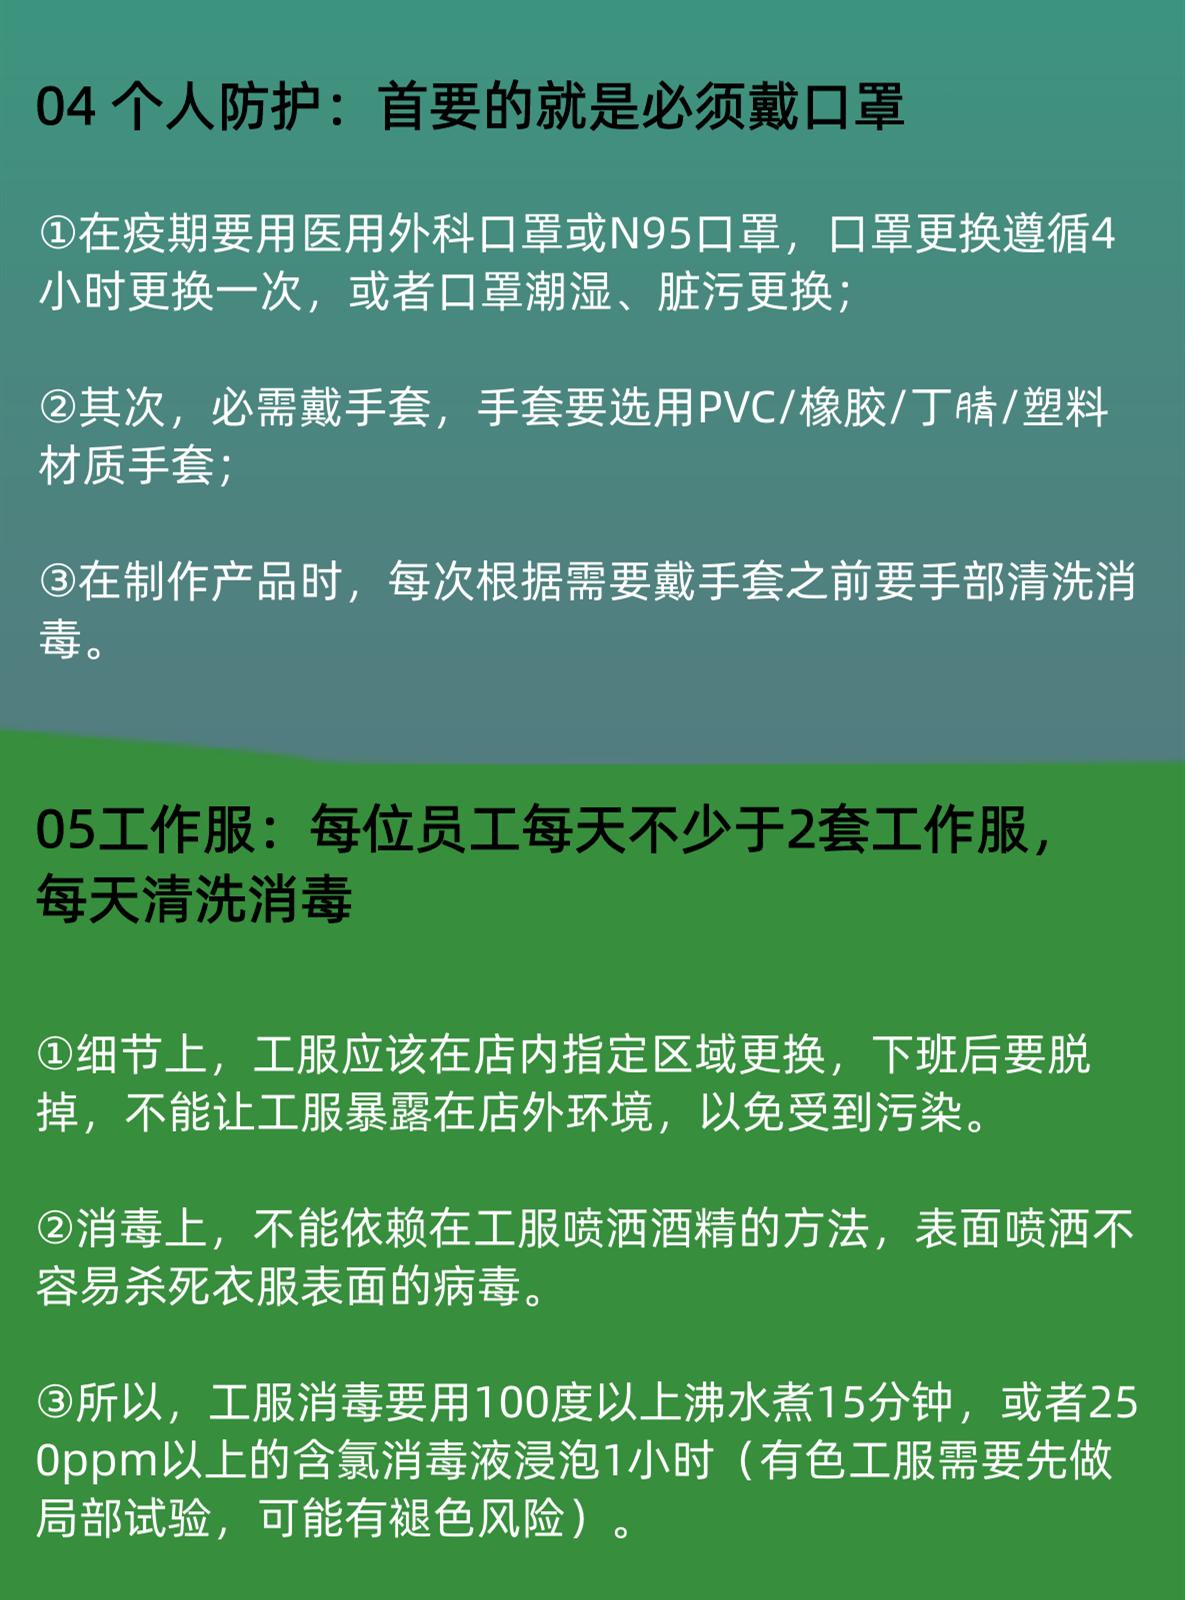 图司机-20201121-14622287150_副本.png